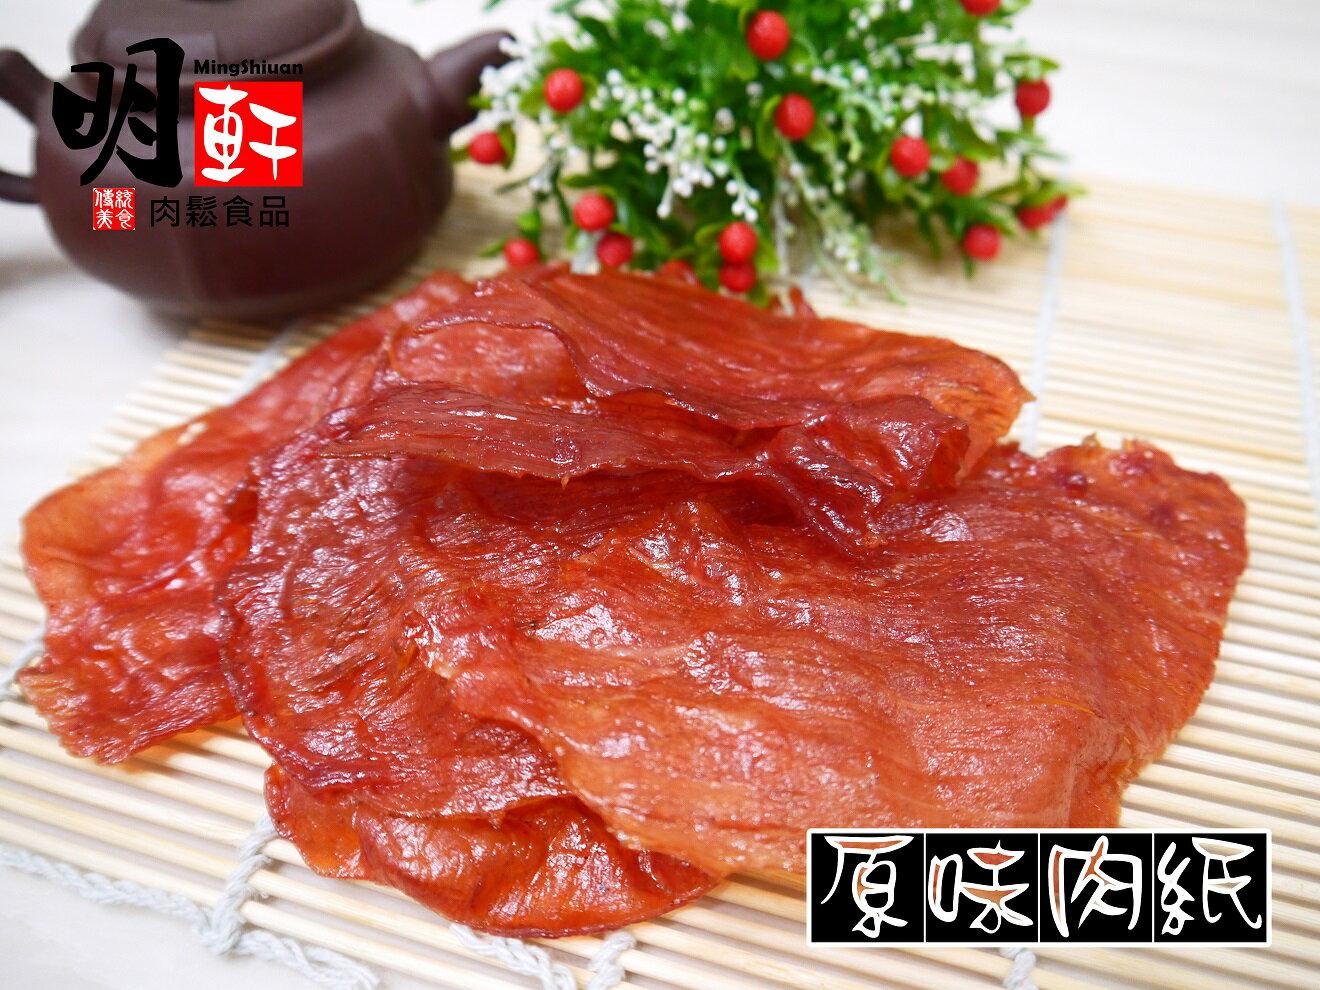 【明軒肉鬆食品】原味肉紙~分享包(180g)